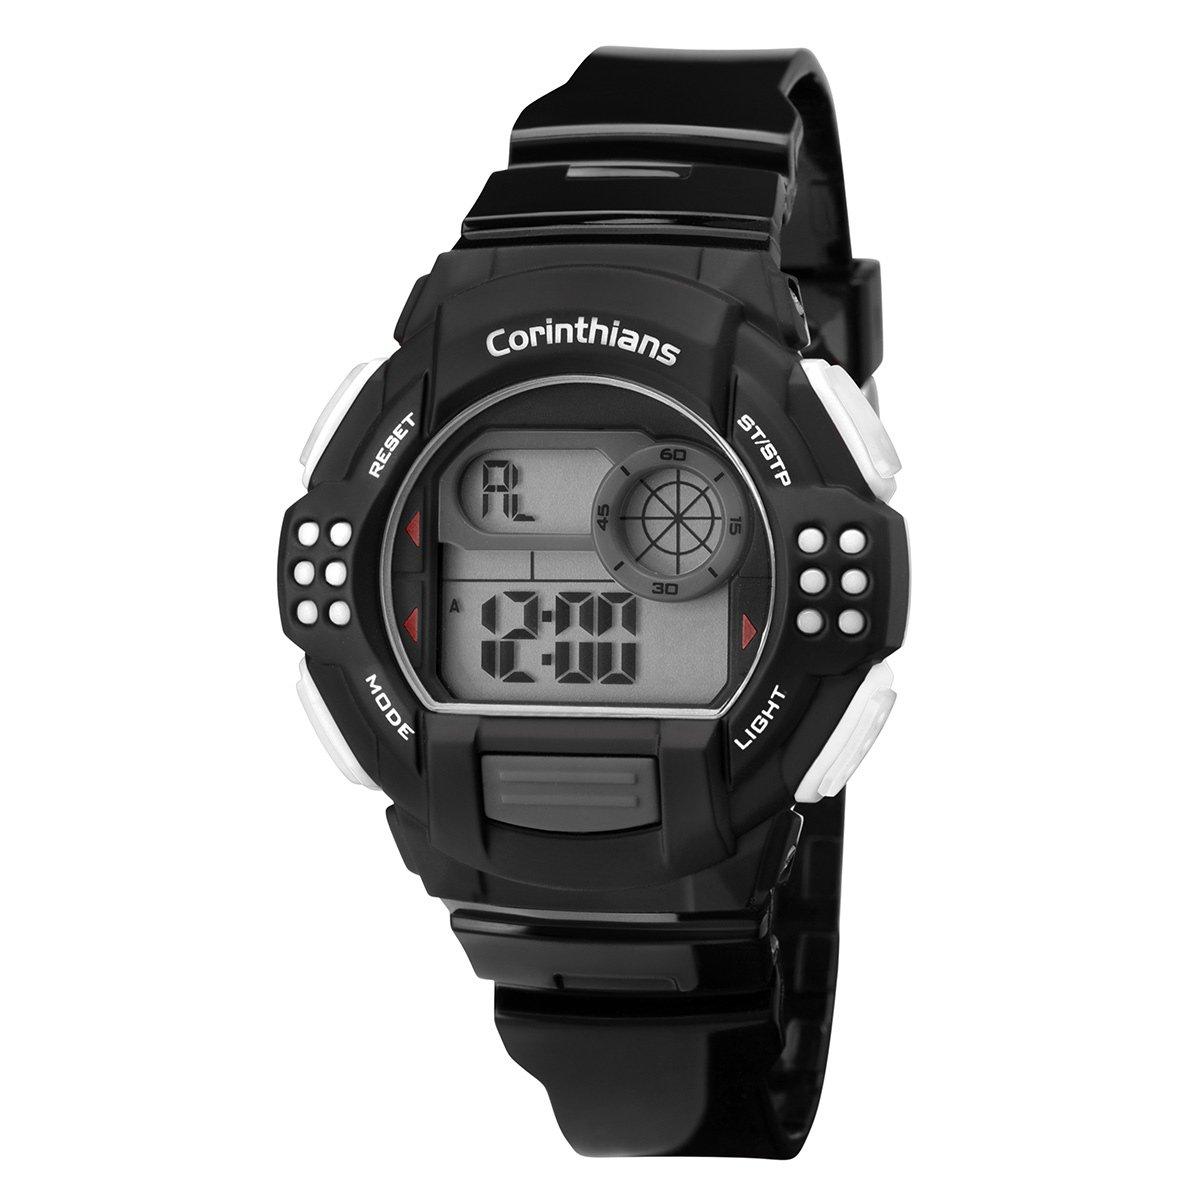 1f6e62f2d54 Relógio Technos Corinthians Digital III - Compre Agora